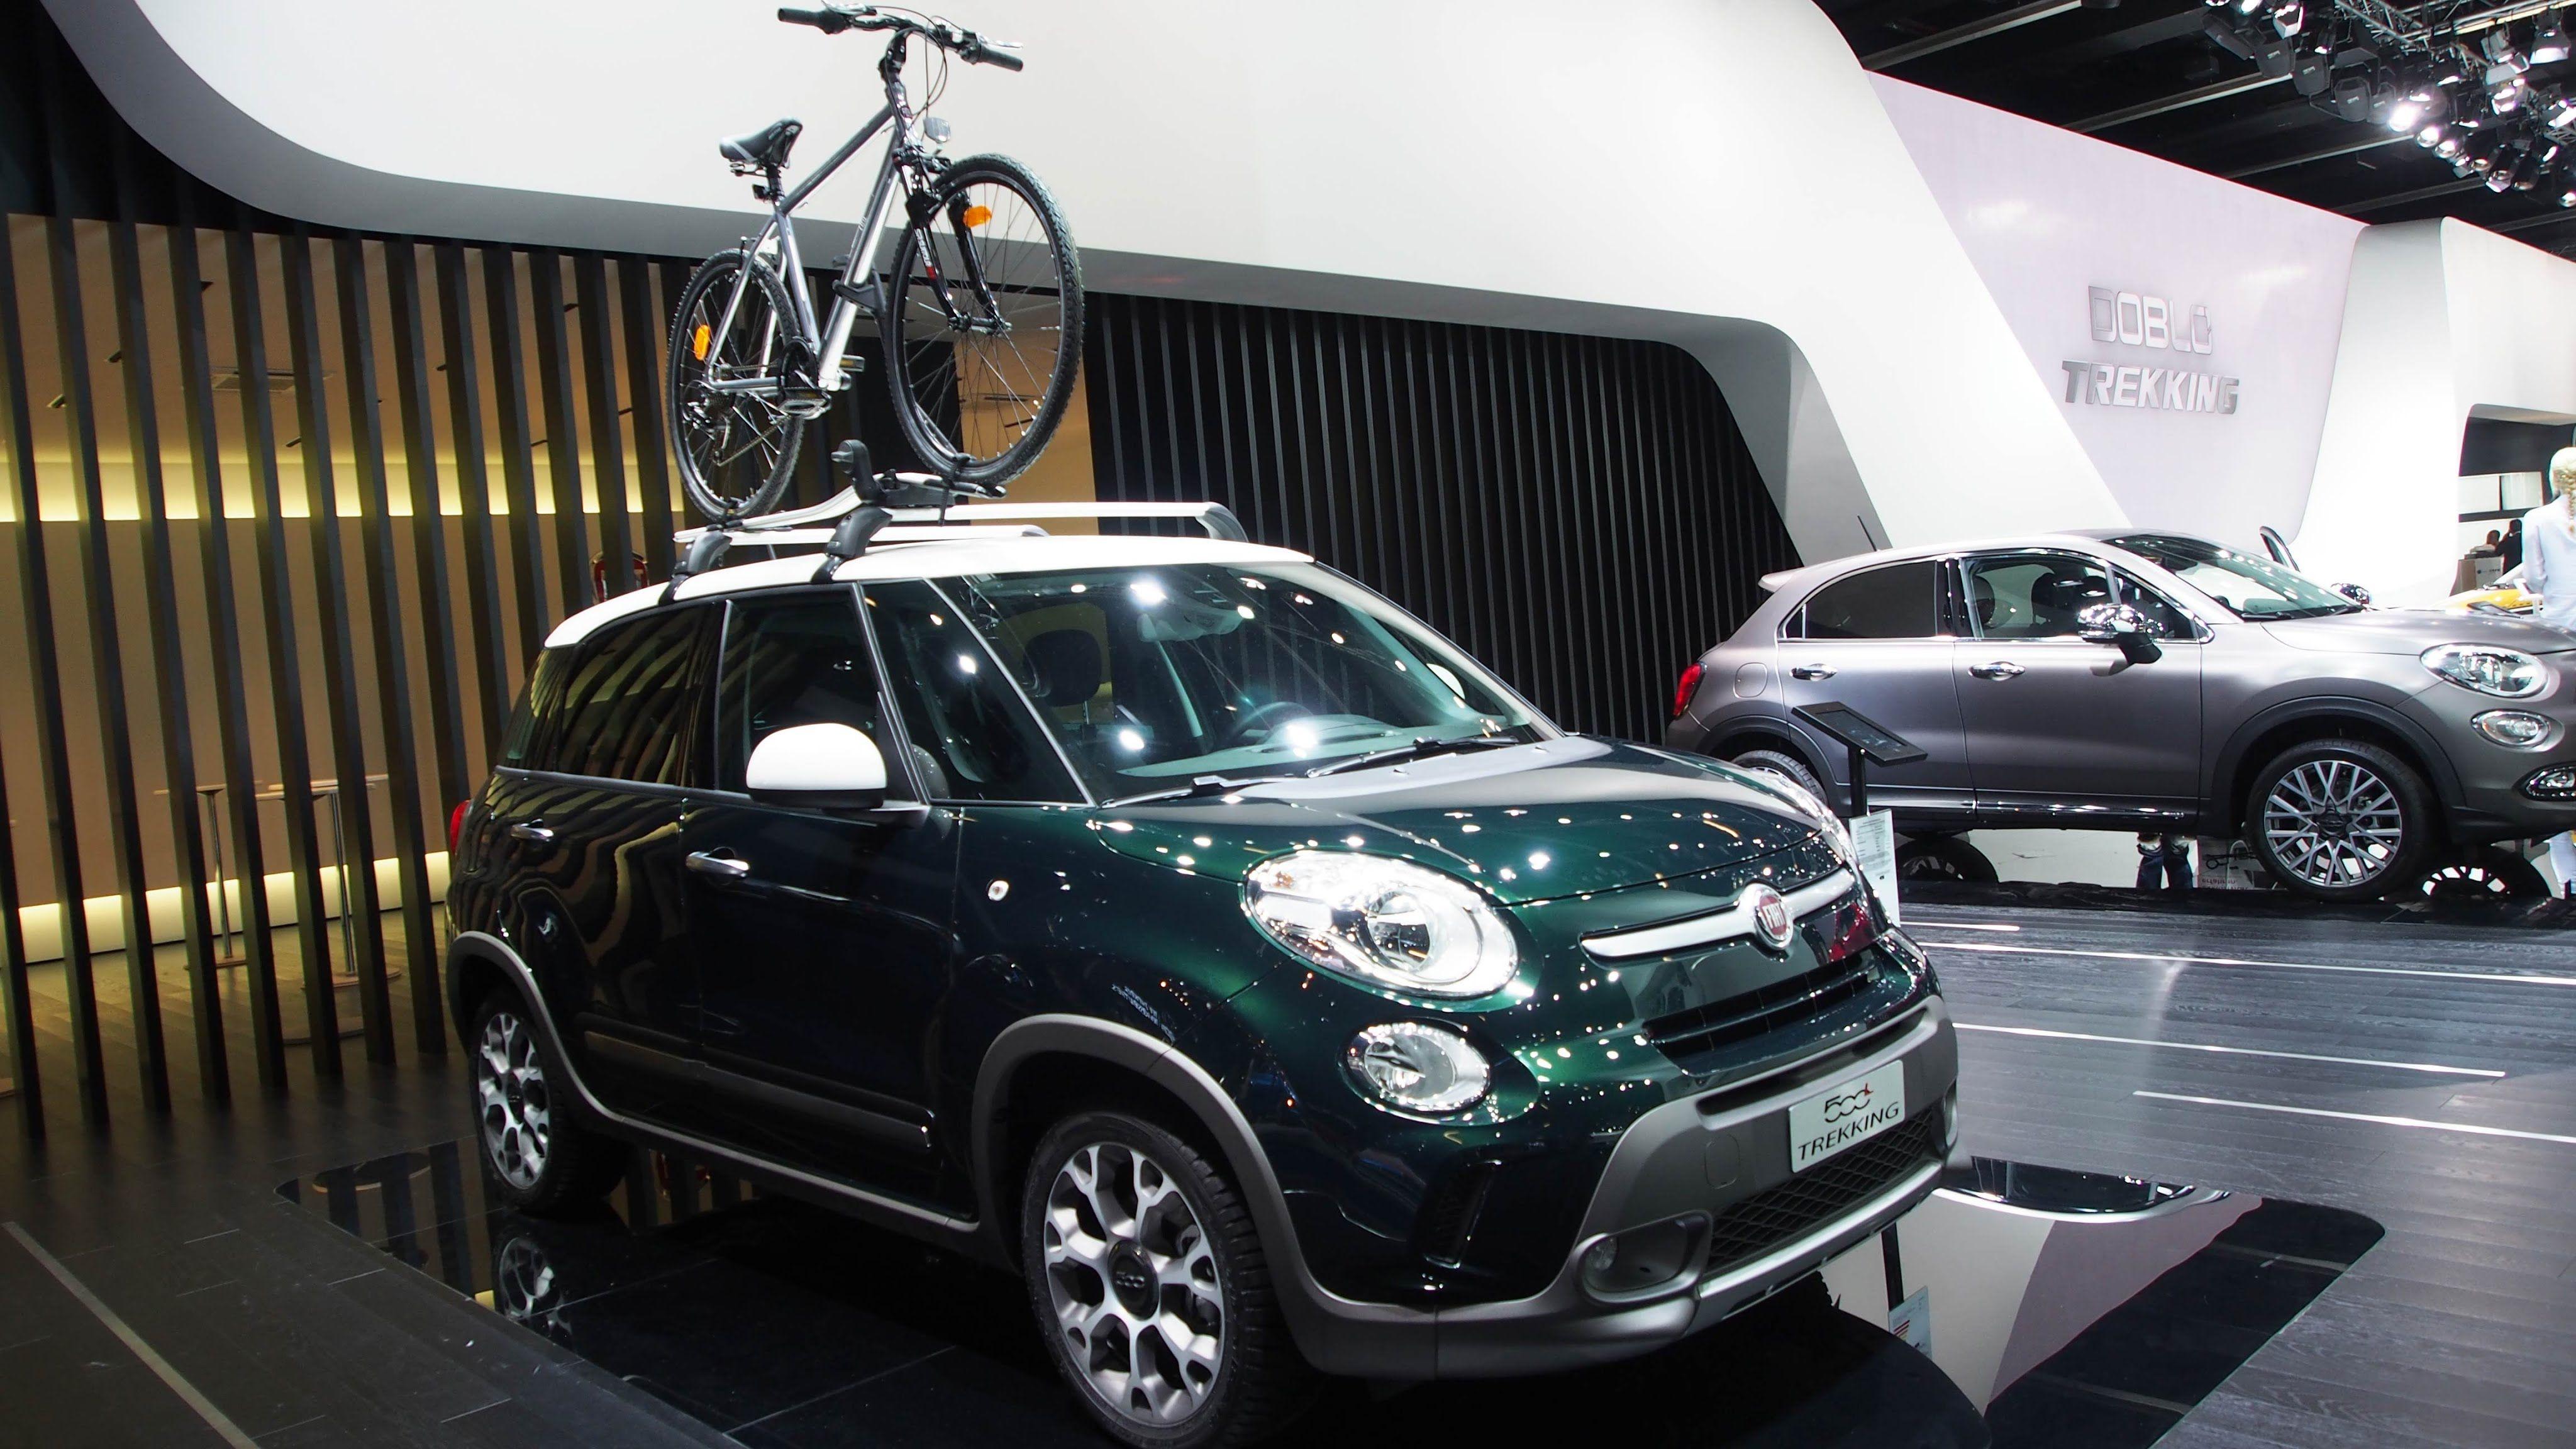 2016 Fiat 500l Trekking 1 3 16v Multijet 70 Kw 95 Hp Exterior